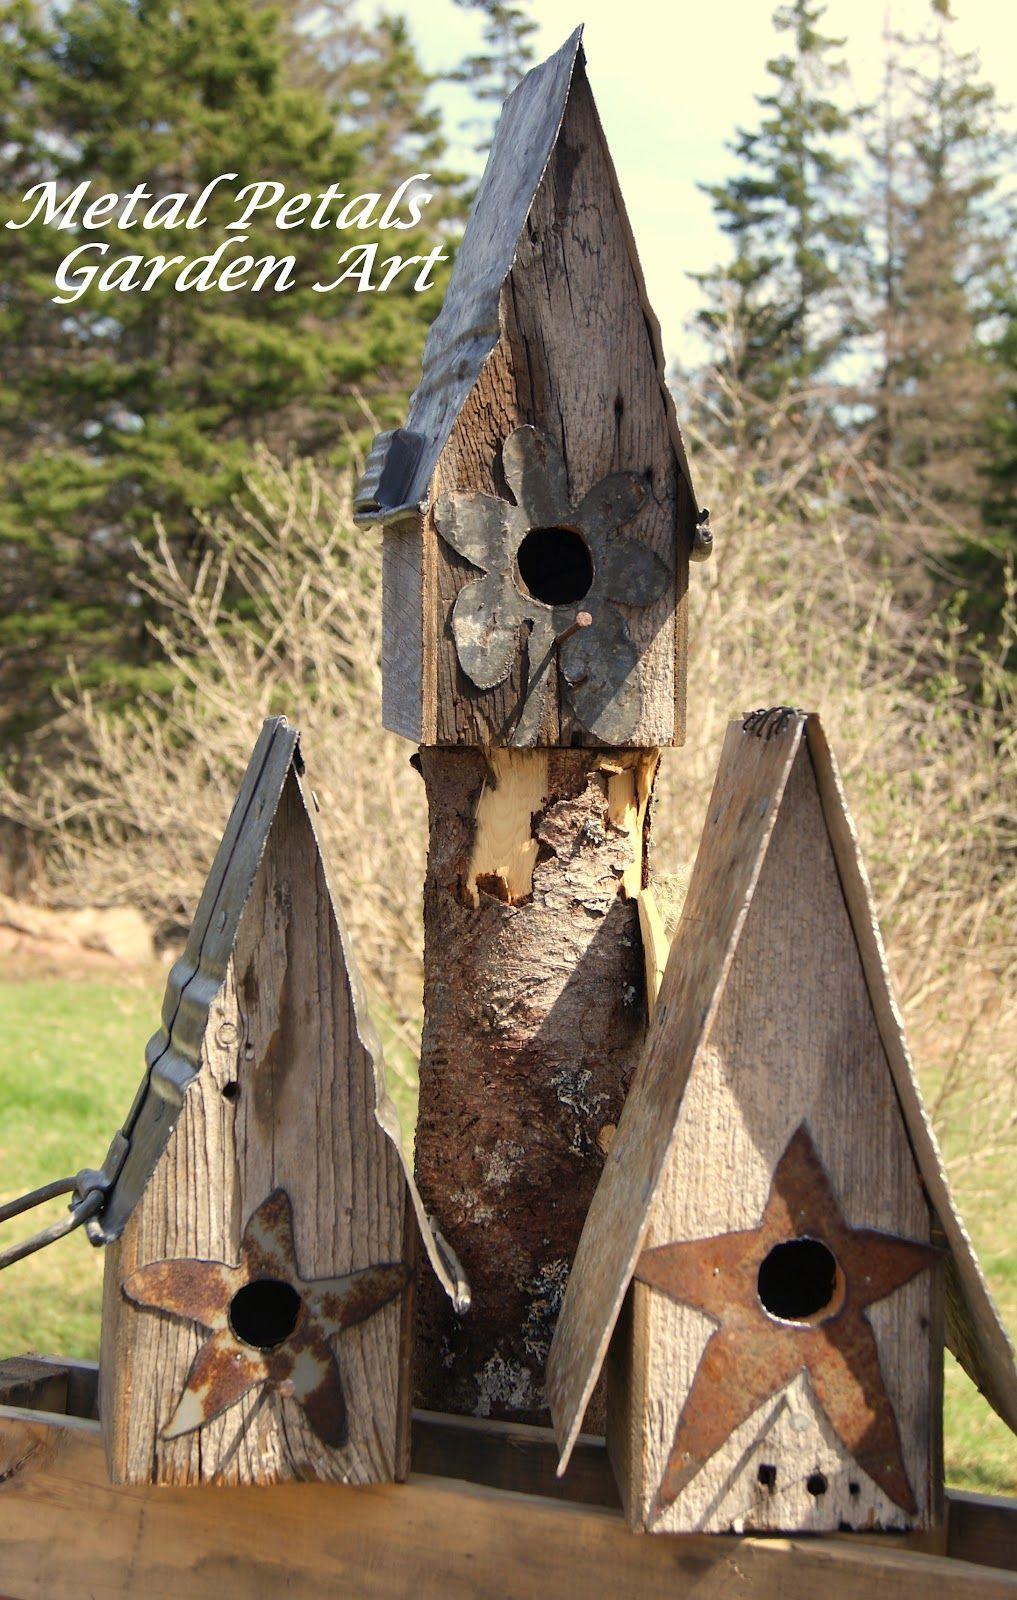 Metal Petals Garden Art Rustic Birdhouses Pinterest